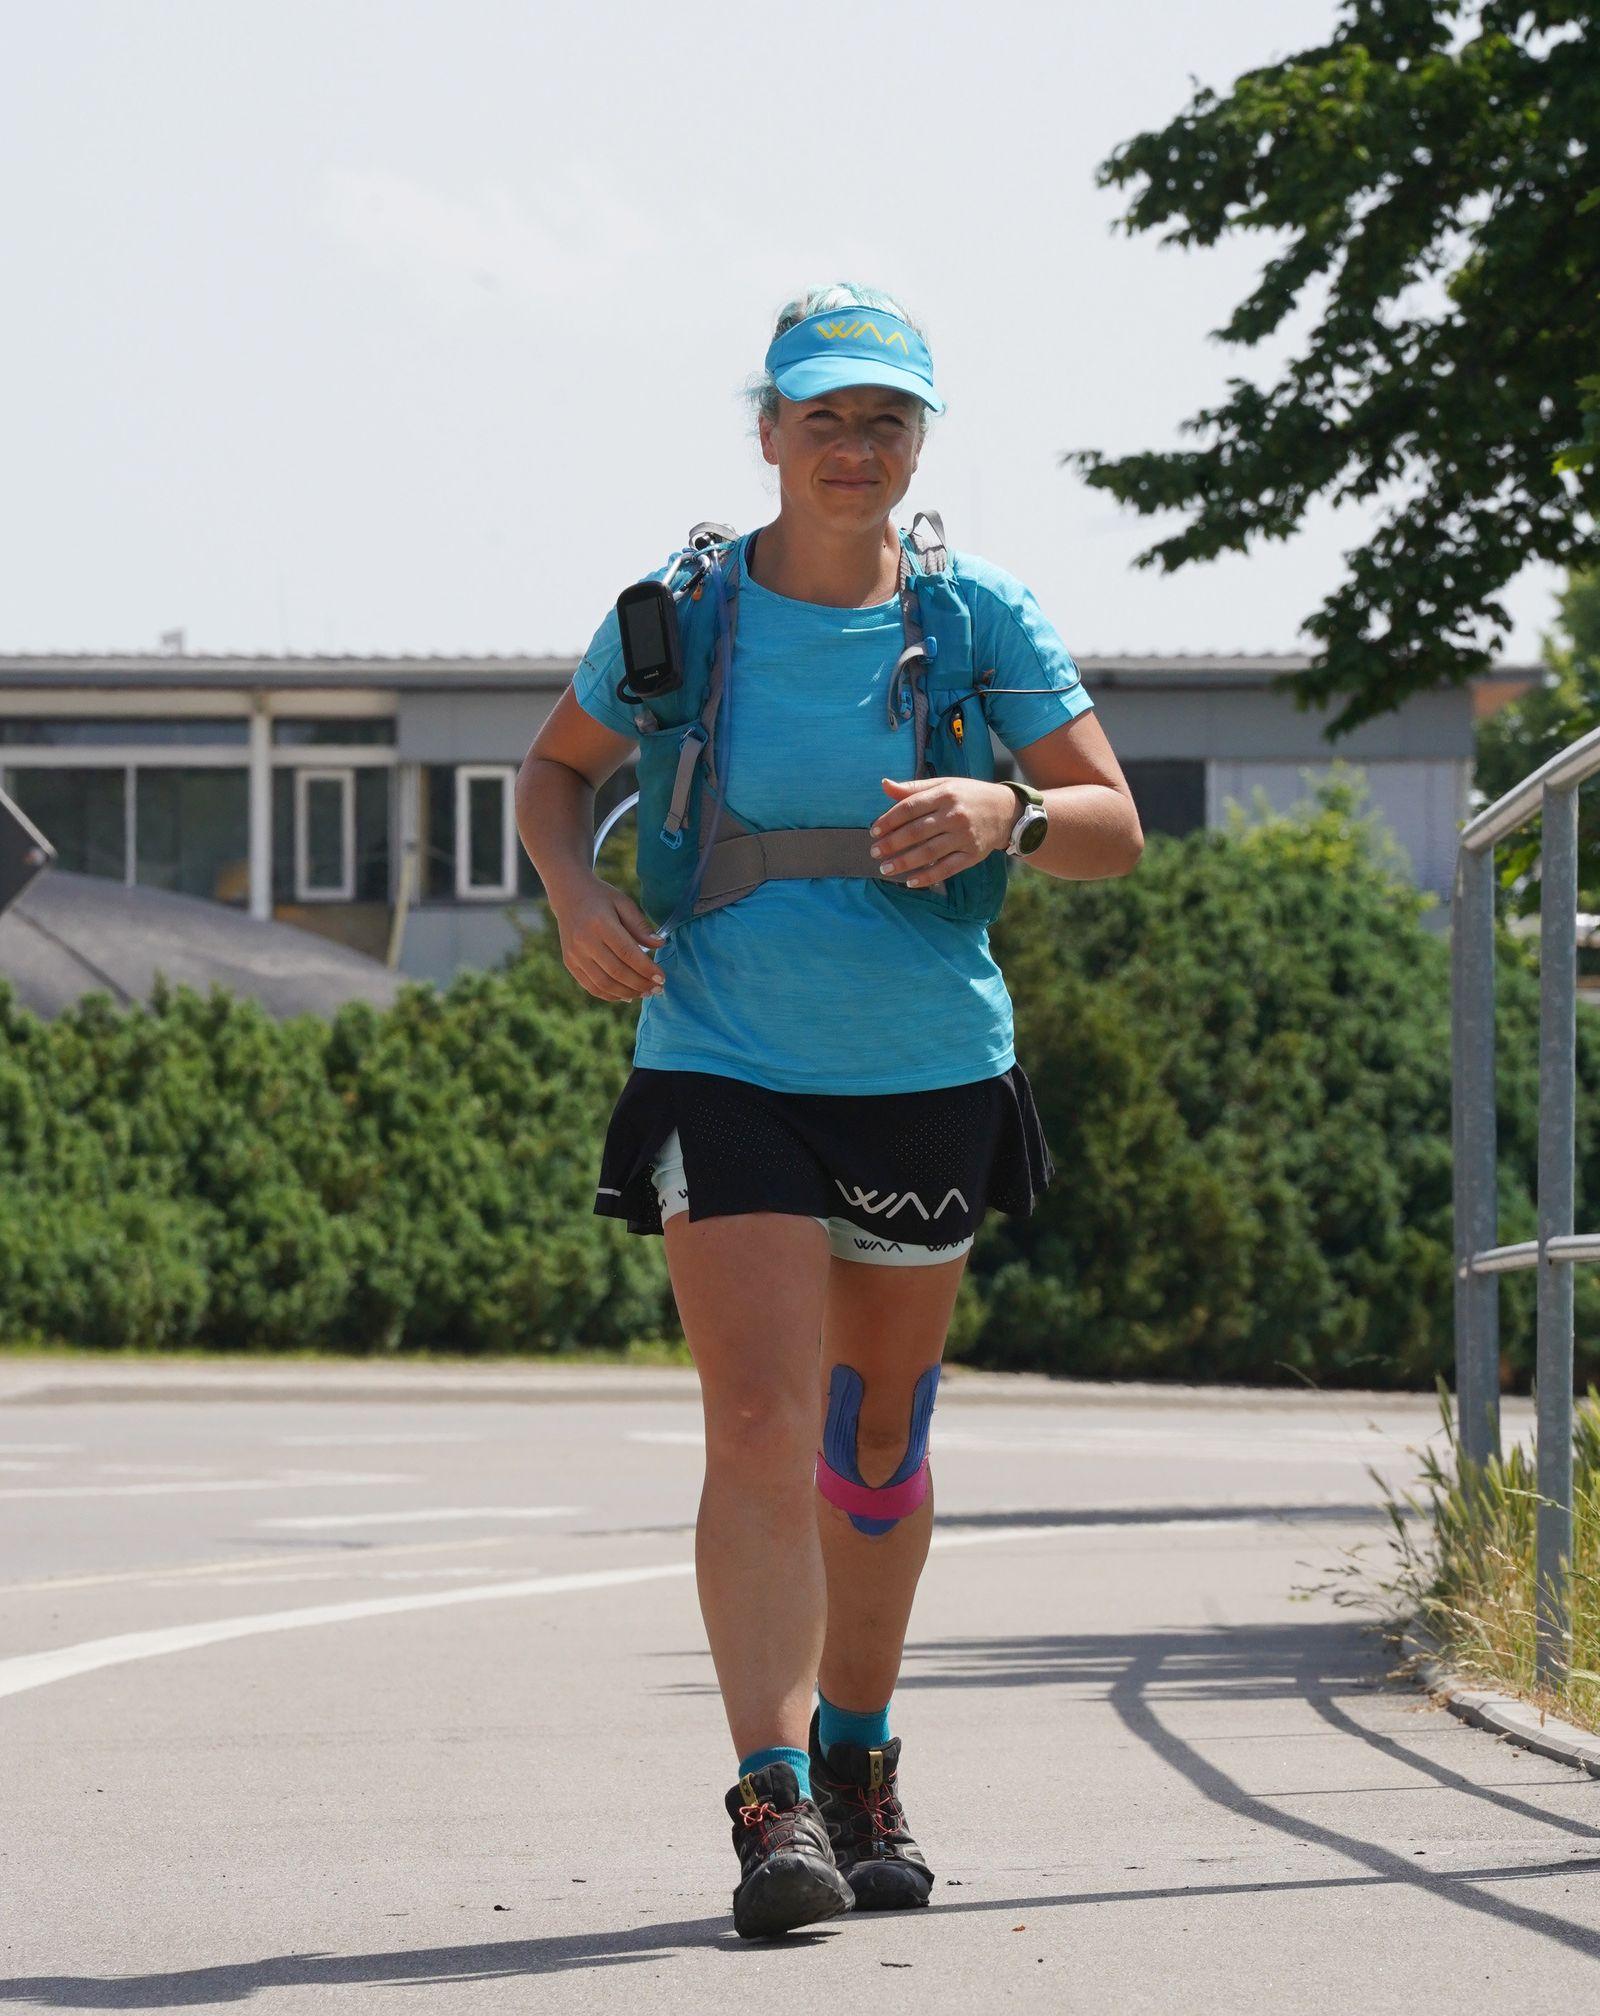 250-Kilometer-Lauf - Extremsportlerin Steffi Saul erreicht Ziel